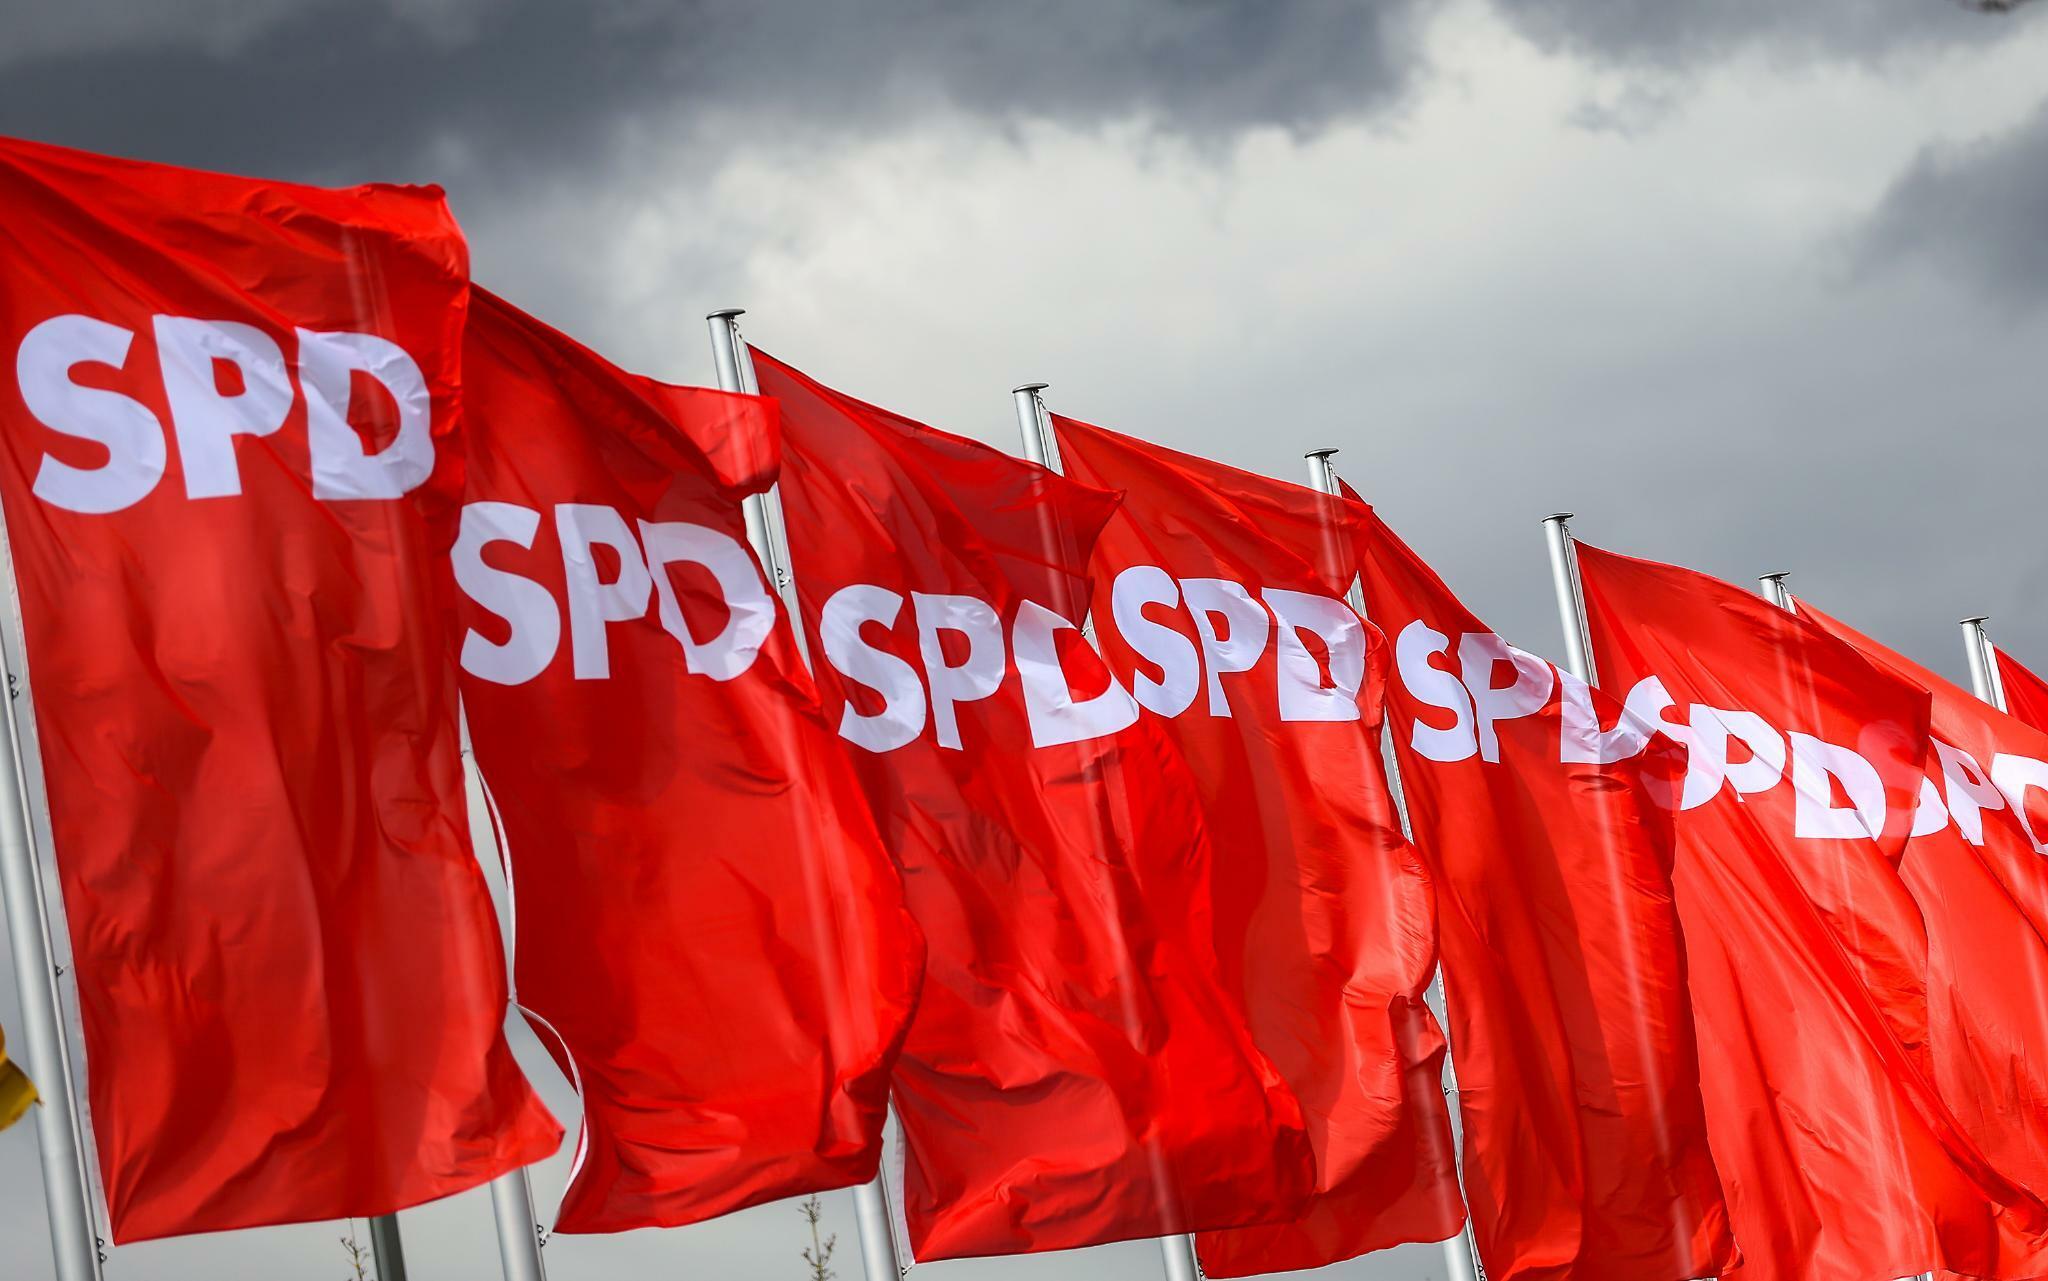 Grüne verlieren: Einigung auf Grundrente beflügelt SPD in Umfragewerten